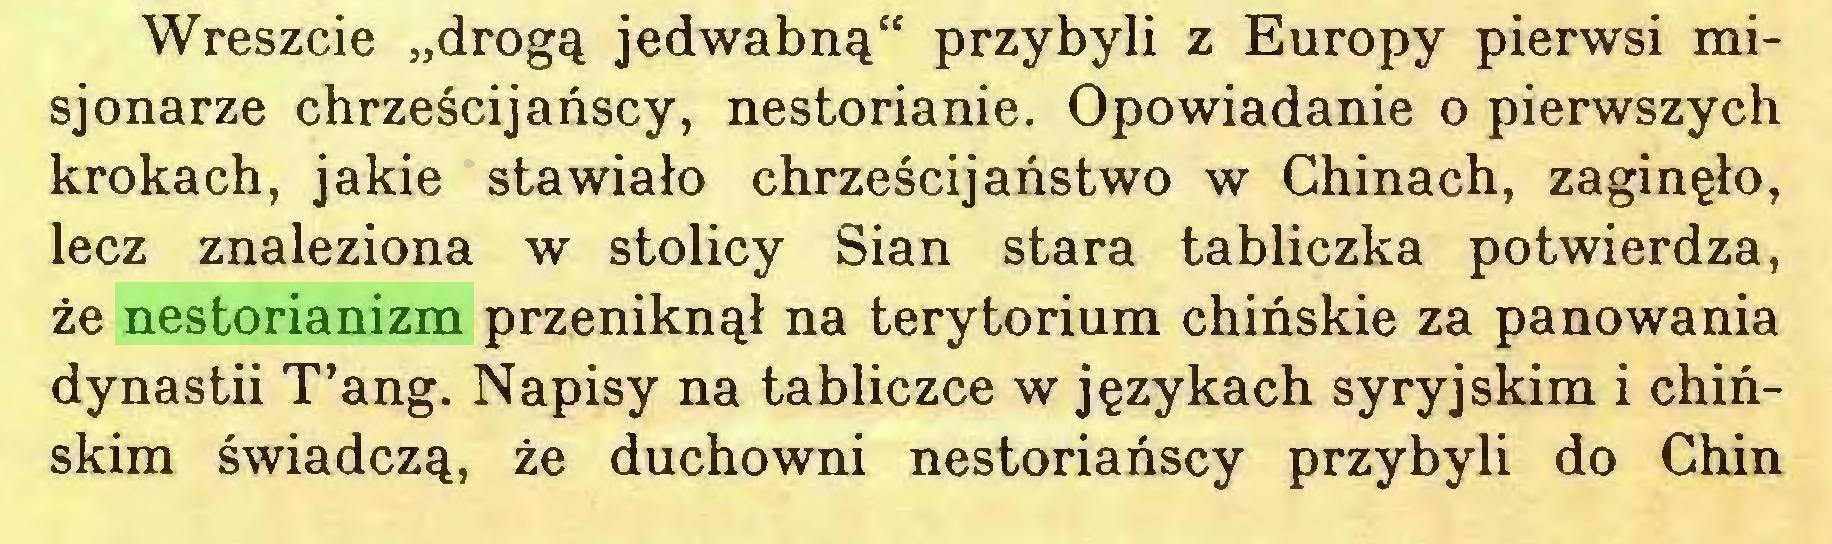 """(...) Wreszcie """"drogą jedwabną"""" przybyli z Europy pierwsi misjonarze chrześcijańscy, nestorianie. Opowiadanie o pierwszych krokach, jakie stawiało chrześcijaństwo w Chinach, zaginęło, lecz znaleziona w stolicy Sian stara tabliczka potwierdza, że nestorianizm przeniknął na terytorium chińskie za panowania dynastii T'ang. Napisy na tabliczce w językach syryjskim i chińskim świadczą, że duchowni nestoriańscy przybyli do Chin..."""